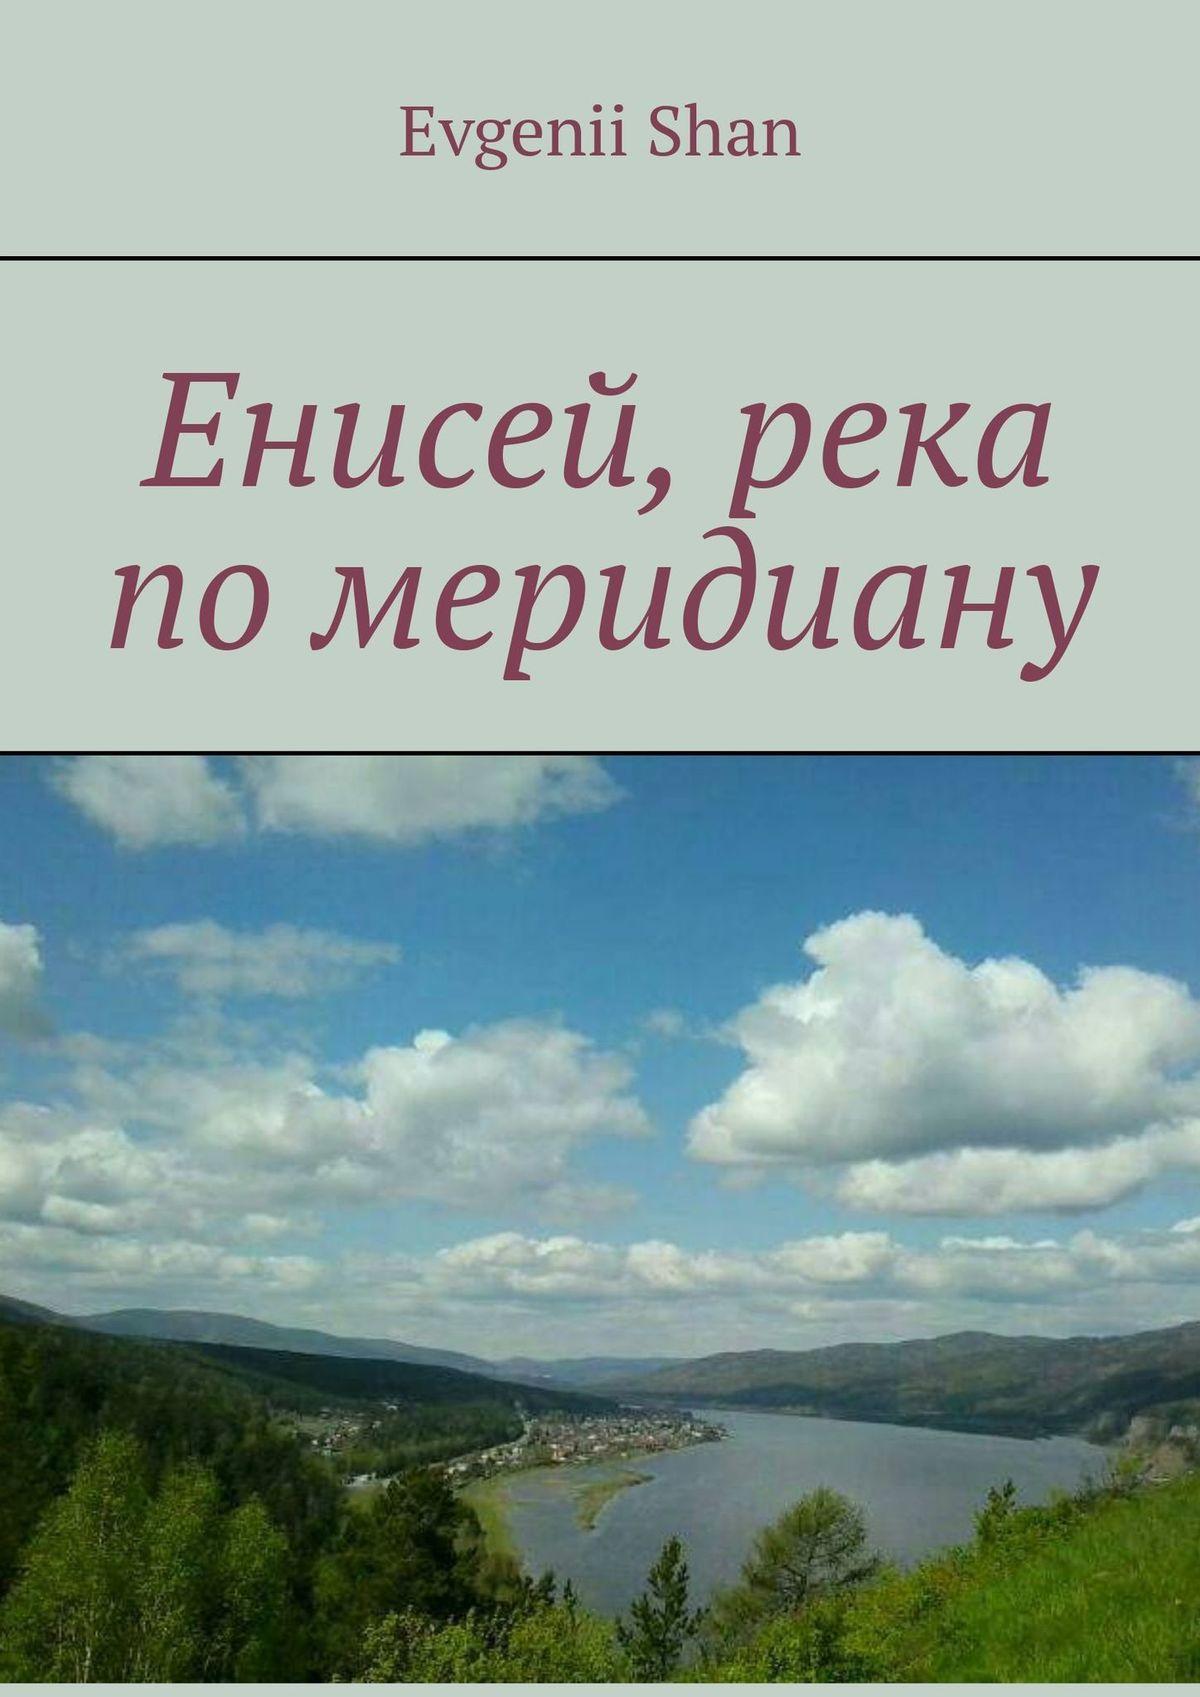 цена Evgenii Shan Енисейский меридиан